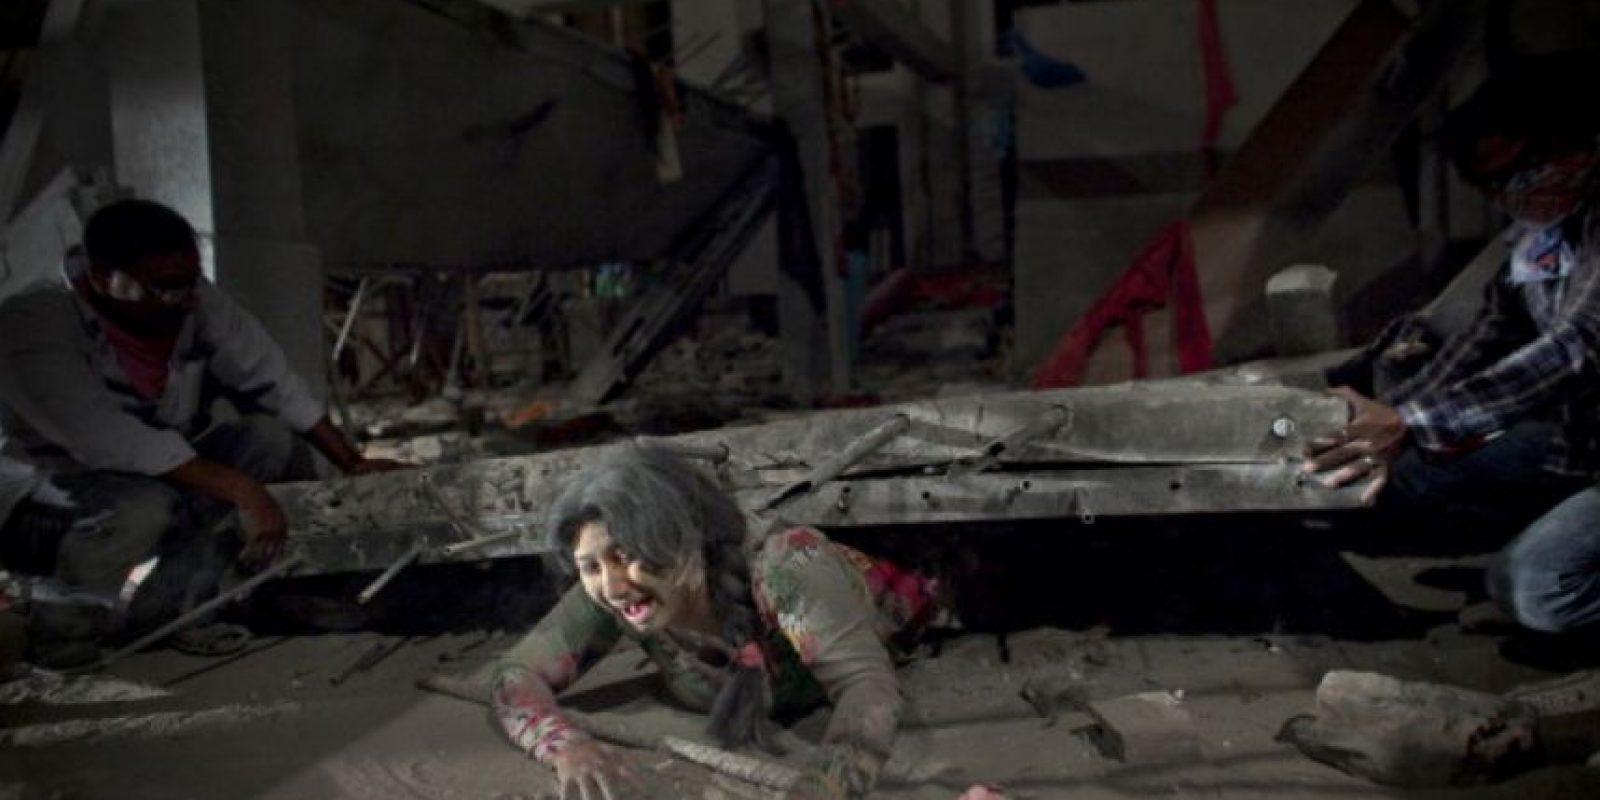 La tragedia del edificio Rana Plaza en Bangladesh dejó 1127 muertos. Foto:vía Getty Images